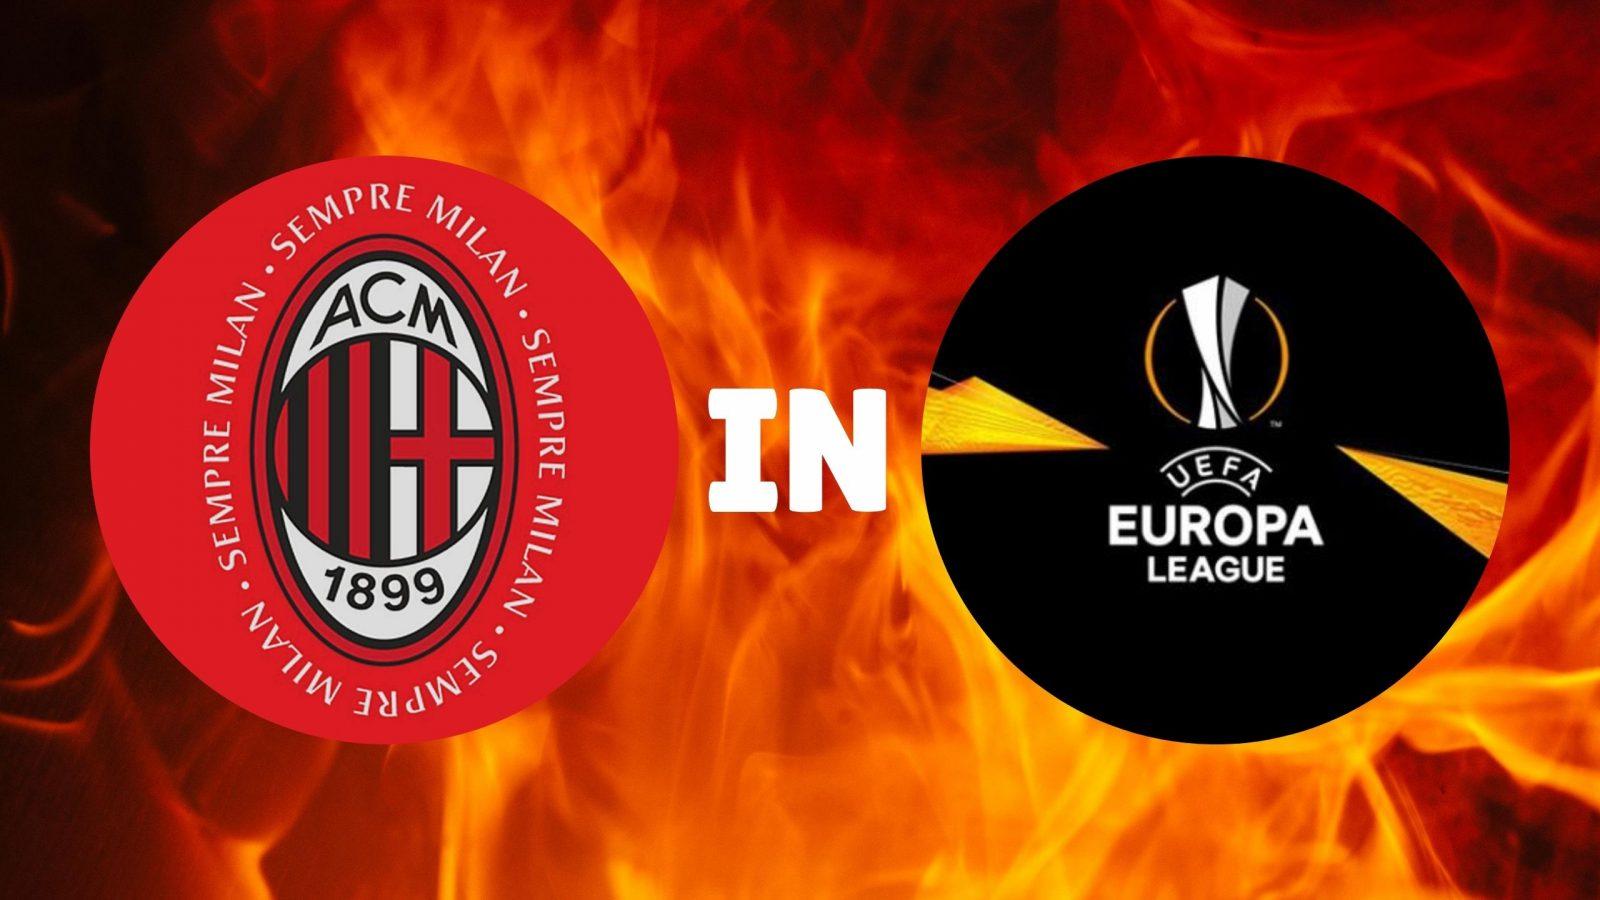 Europa League : Il Milan è primo nel girone